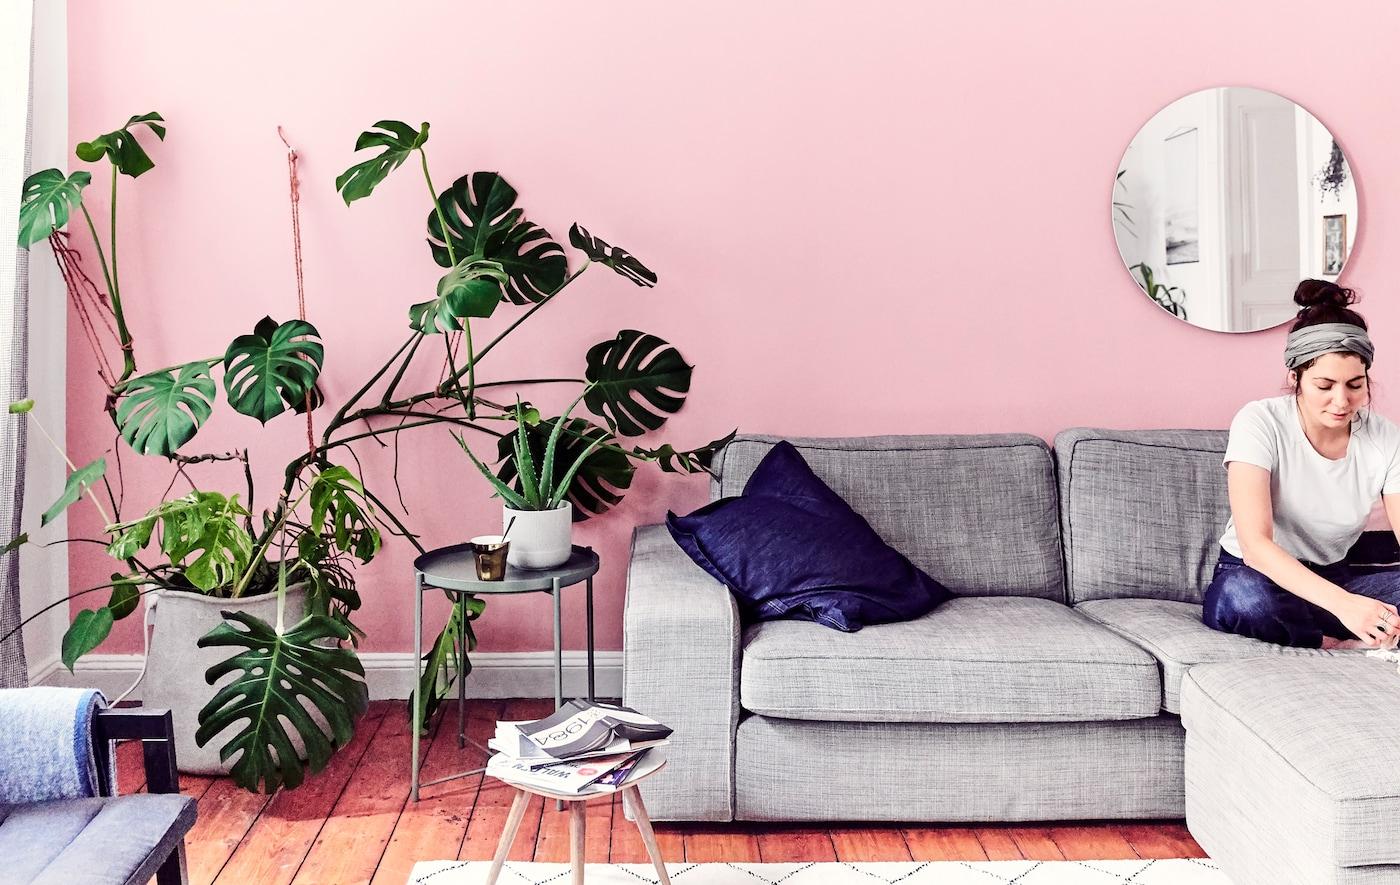 Julia sitzt in ihrem Wohnzimmer auf einem grauen Sofa vor einer rosafarbenen Wand.